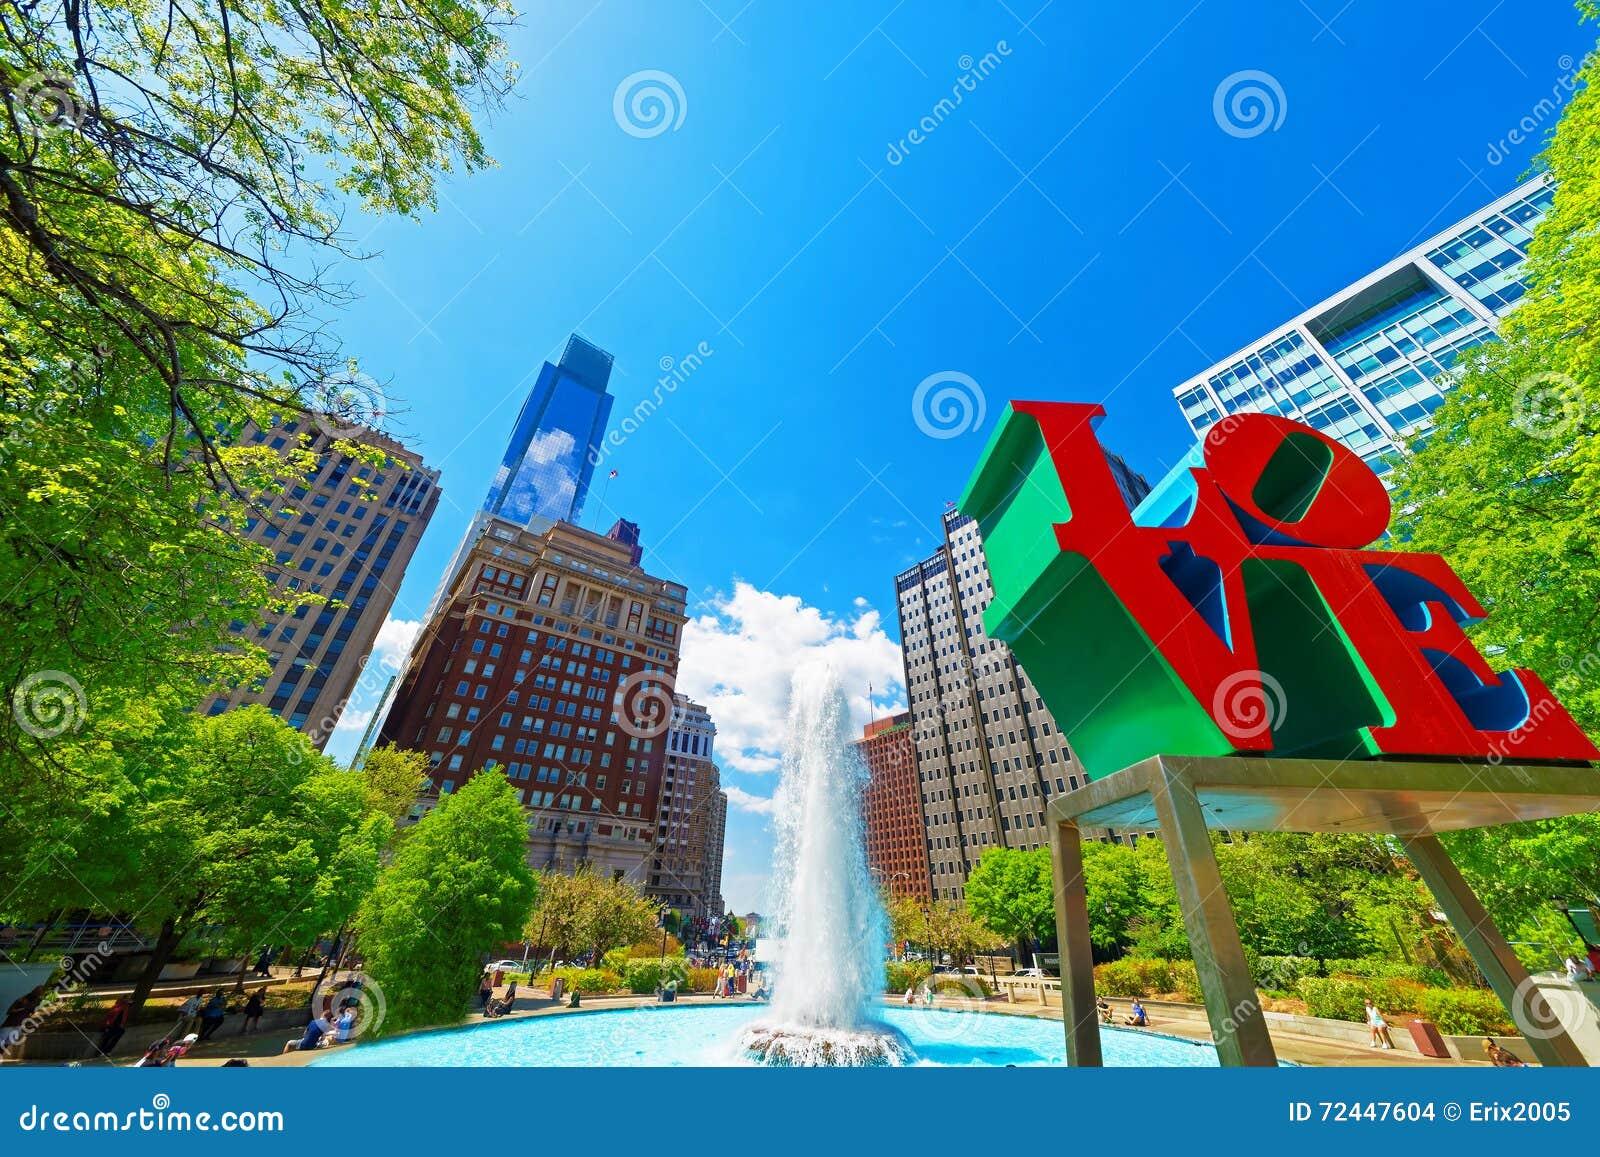 Miłości rzeźba w miłość parku w Filadelfia PA